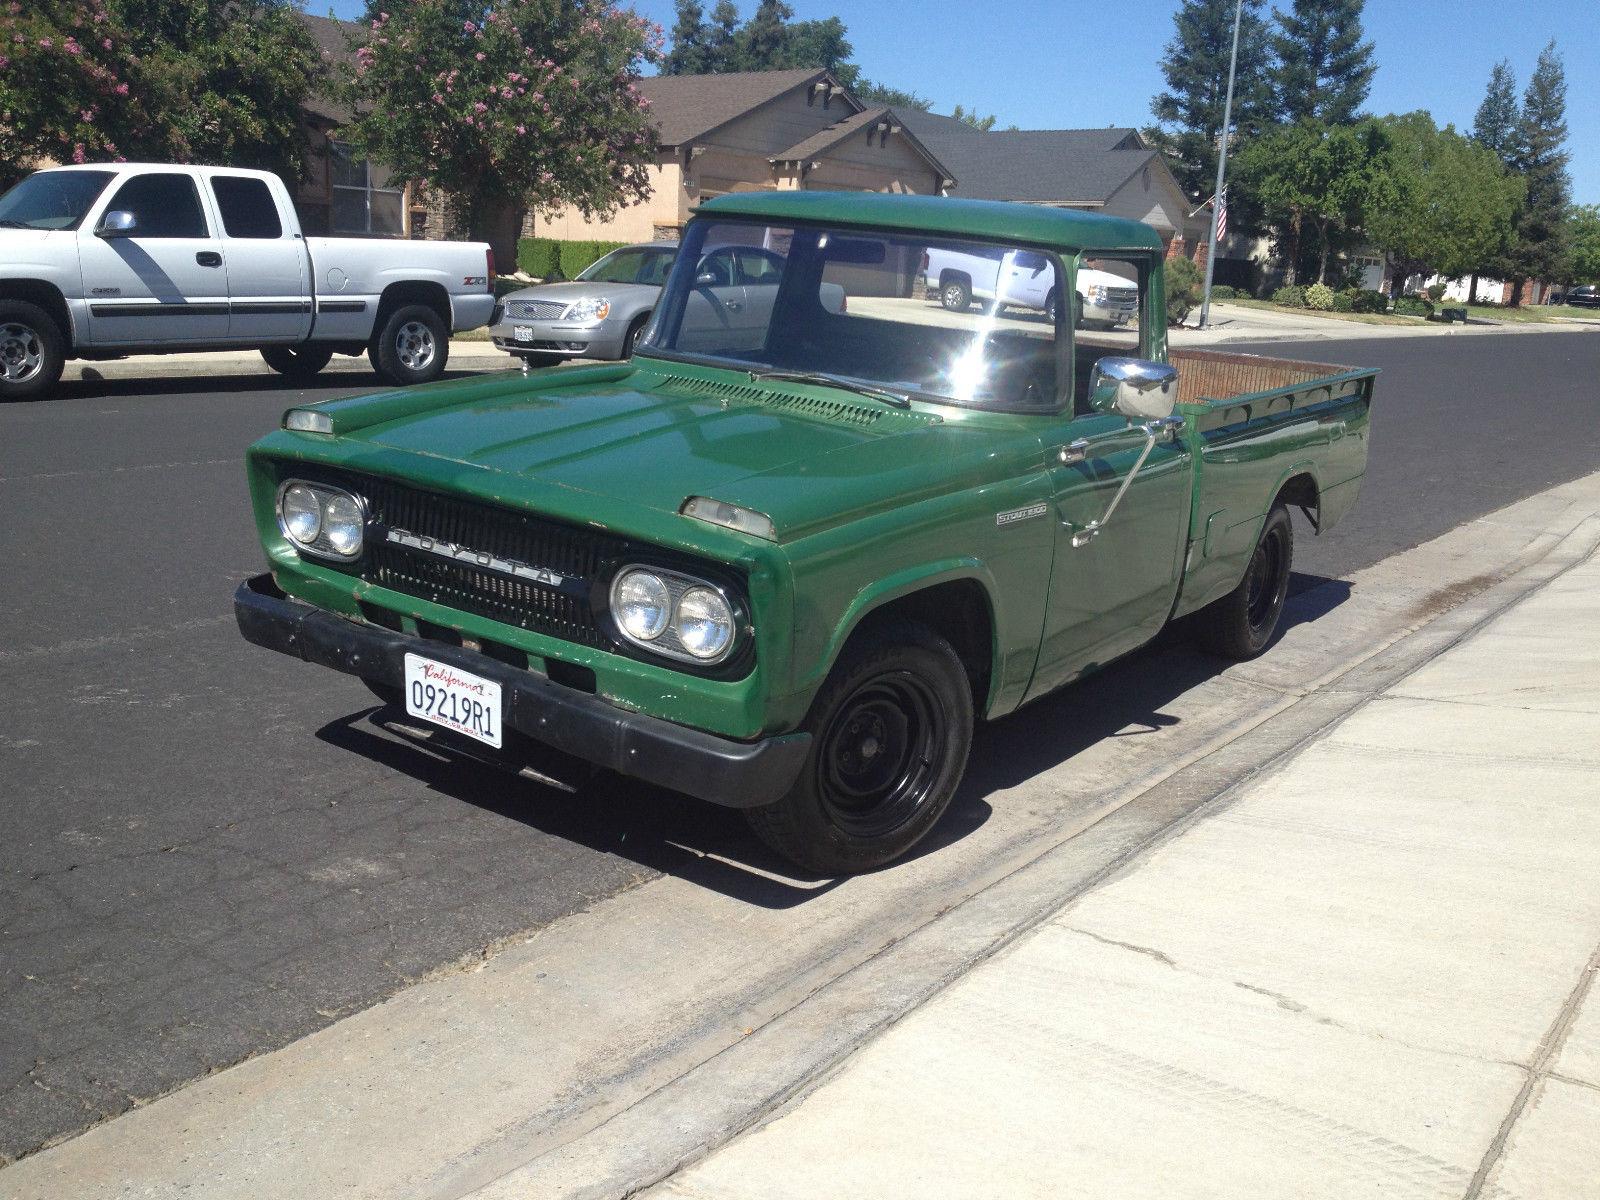 1964 Toyota Stout 1900 Pick Up V8 Hot Rod For Sale